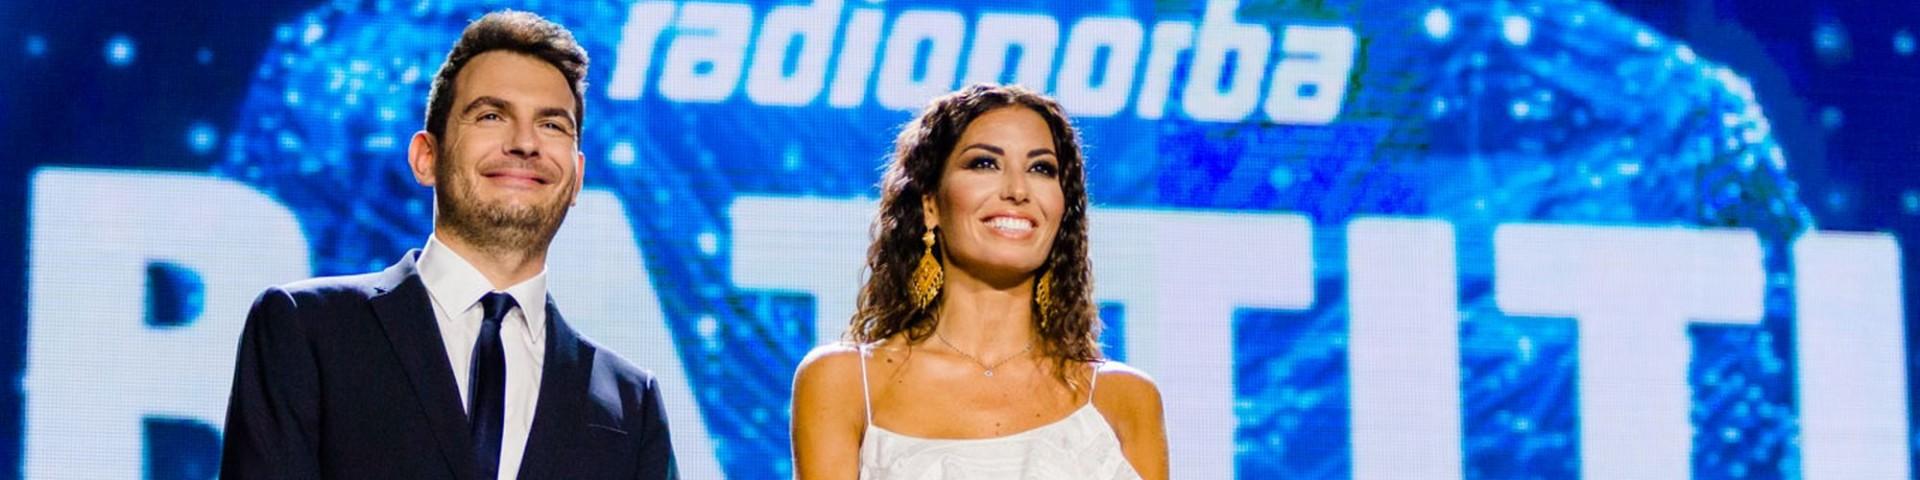 Battiti Live 2020 su Italia 1: ecco la scaletta della seconda puntata